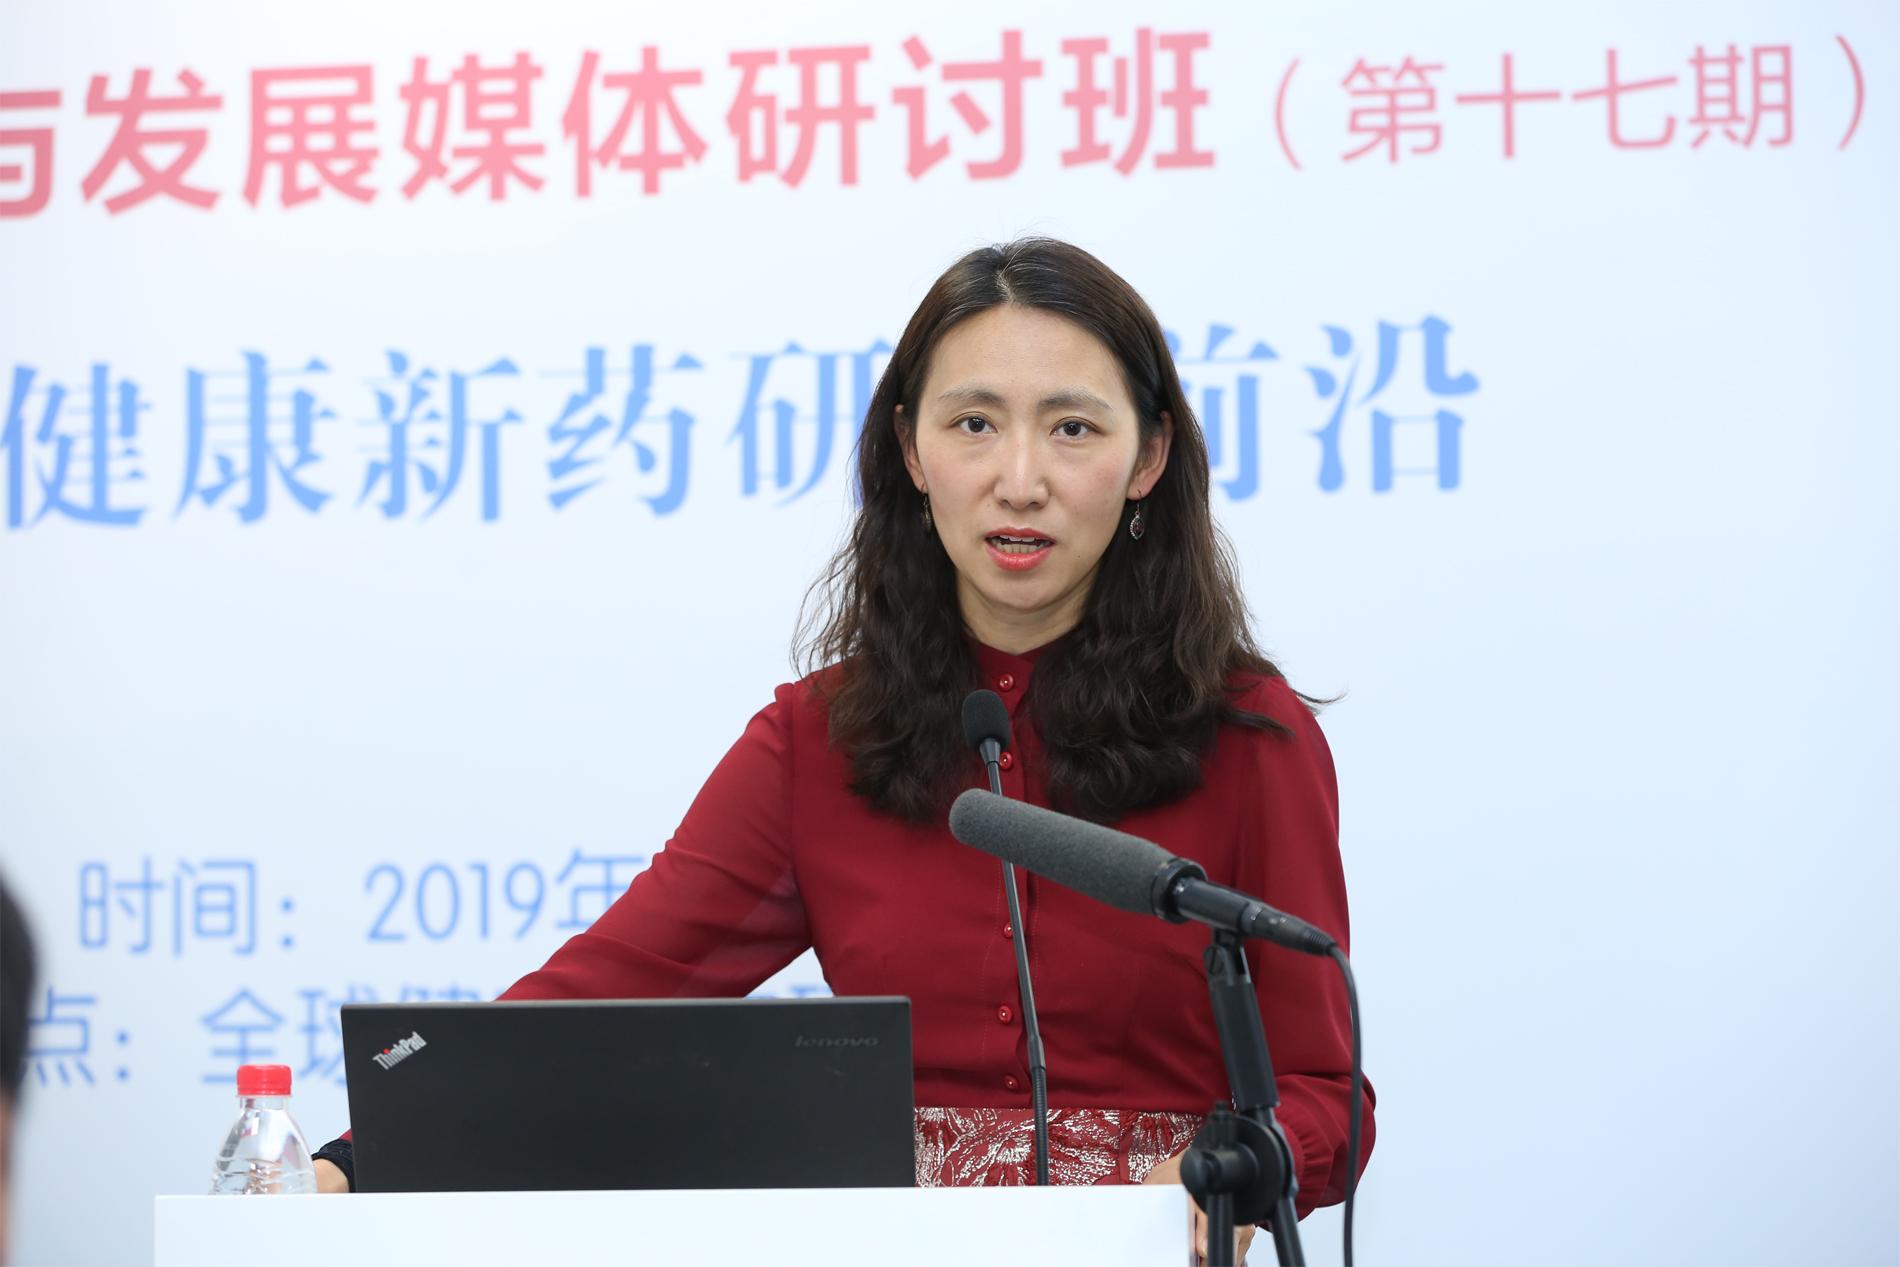 盖茨基金会北京代表处首席代表李一诺发表主旨演讲.jpg